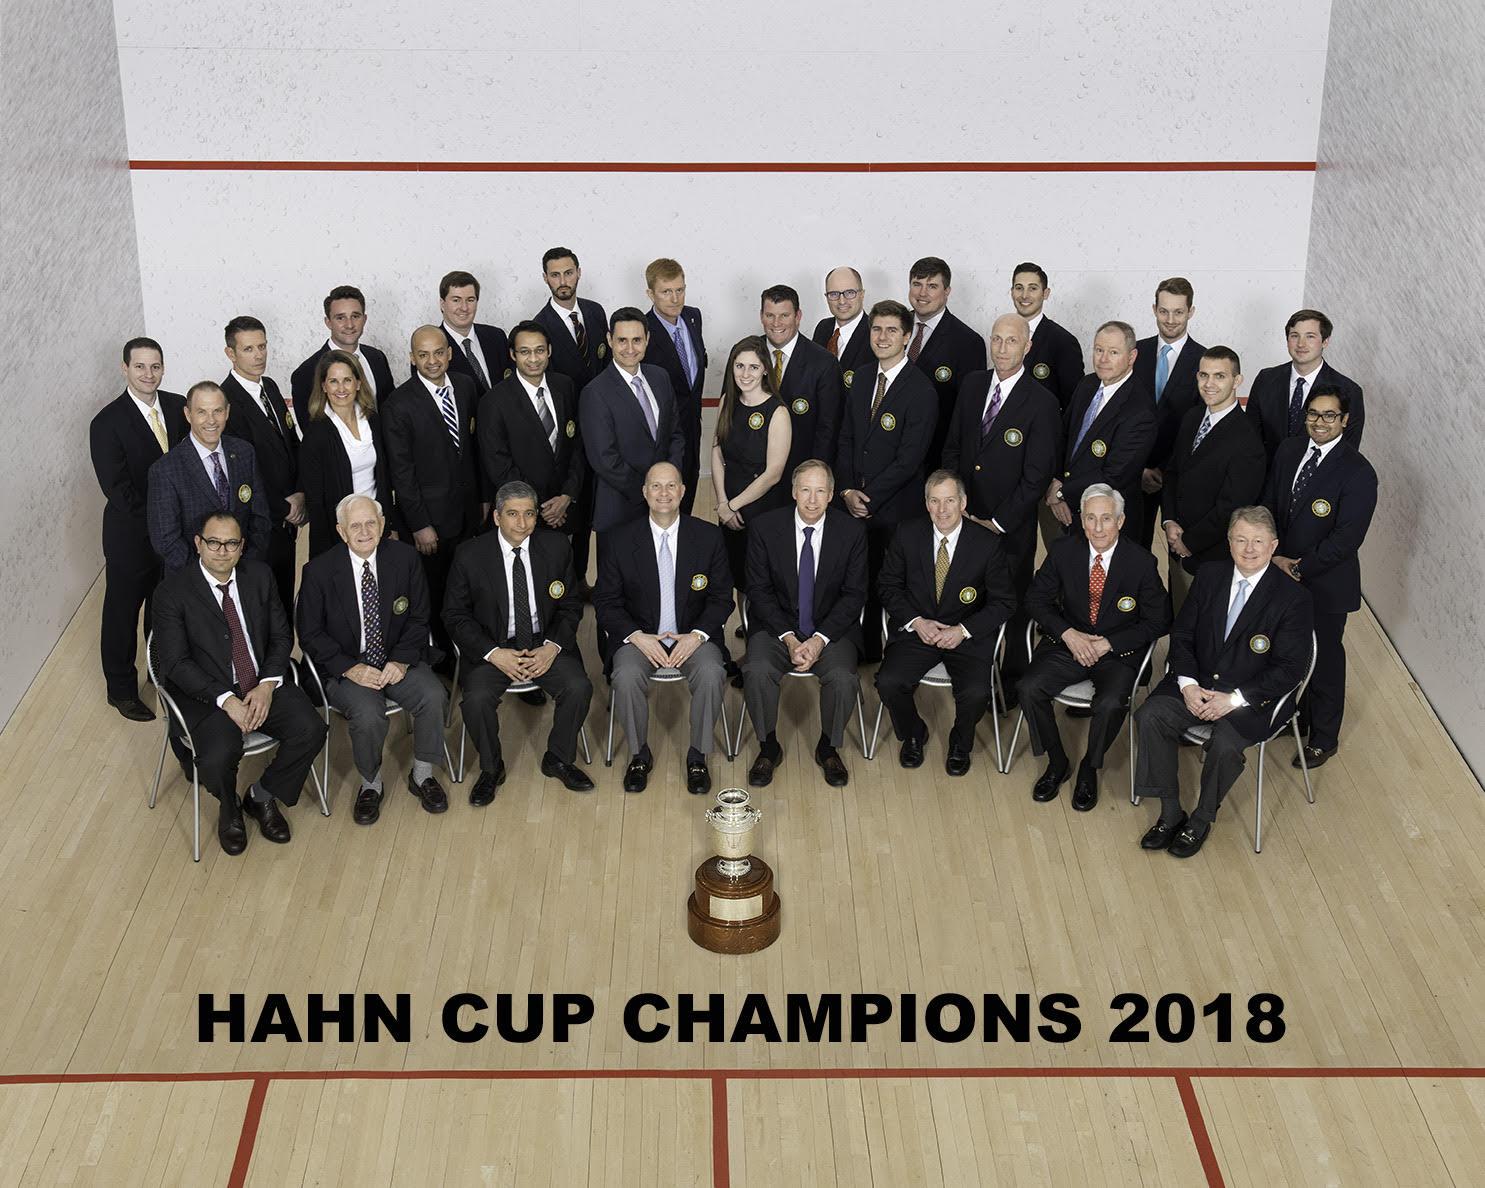 Hahn 2018.jpg